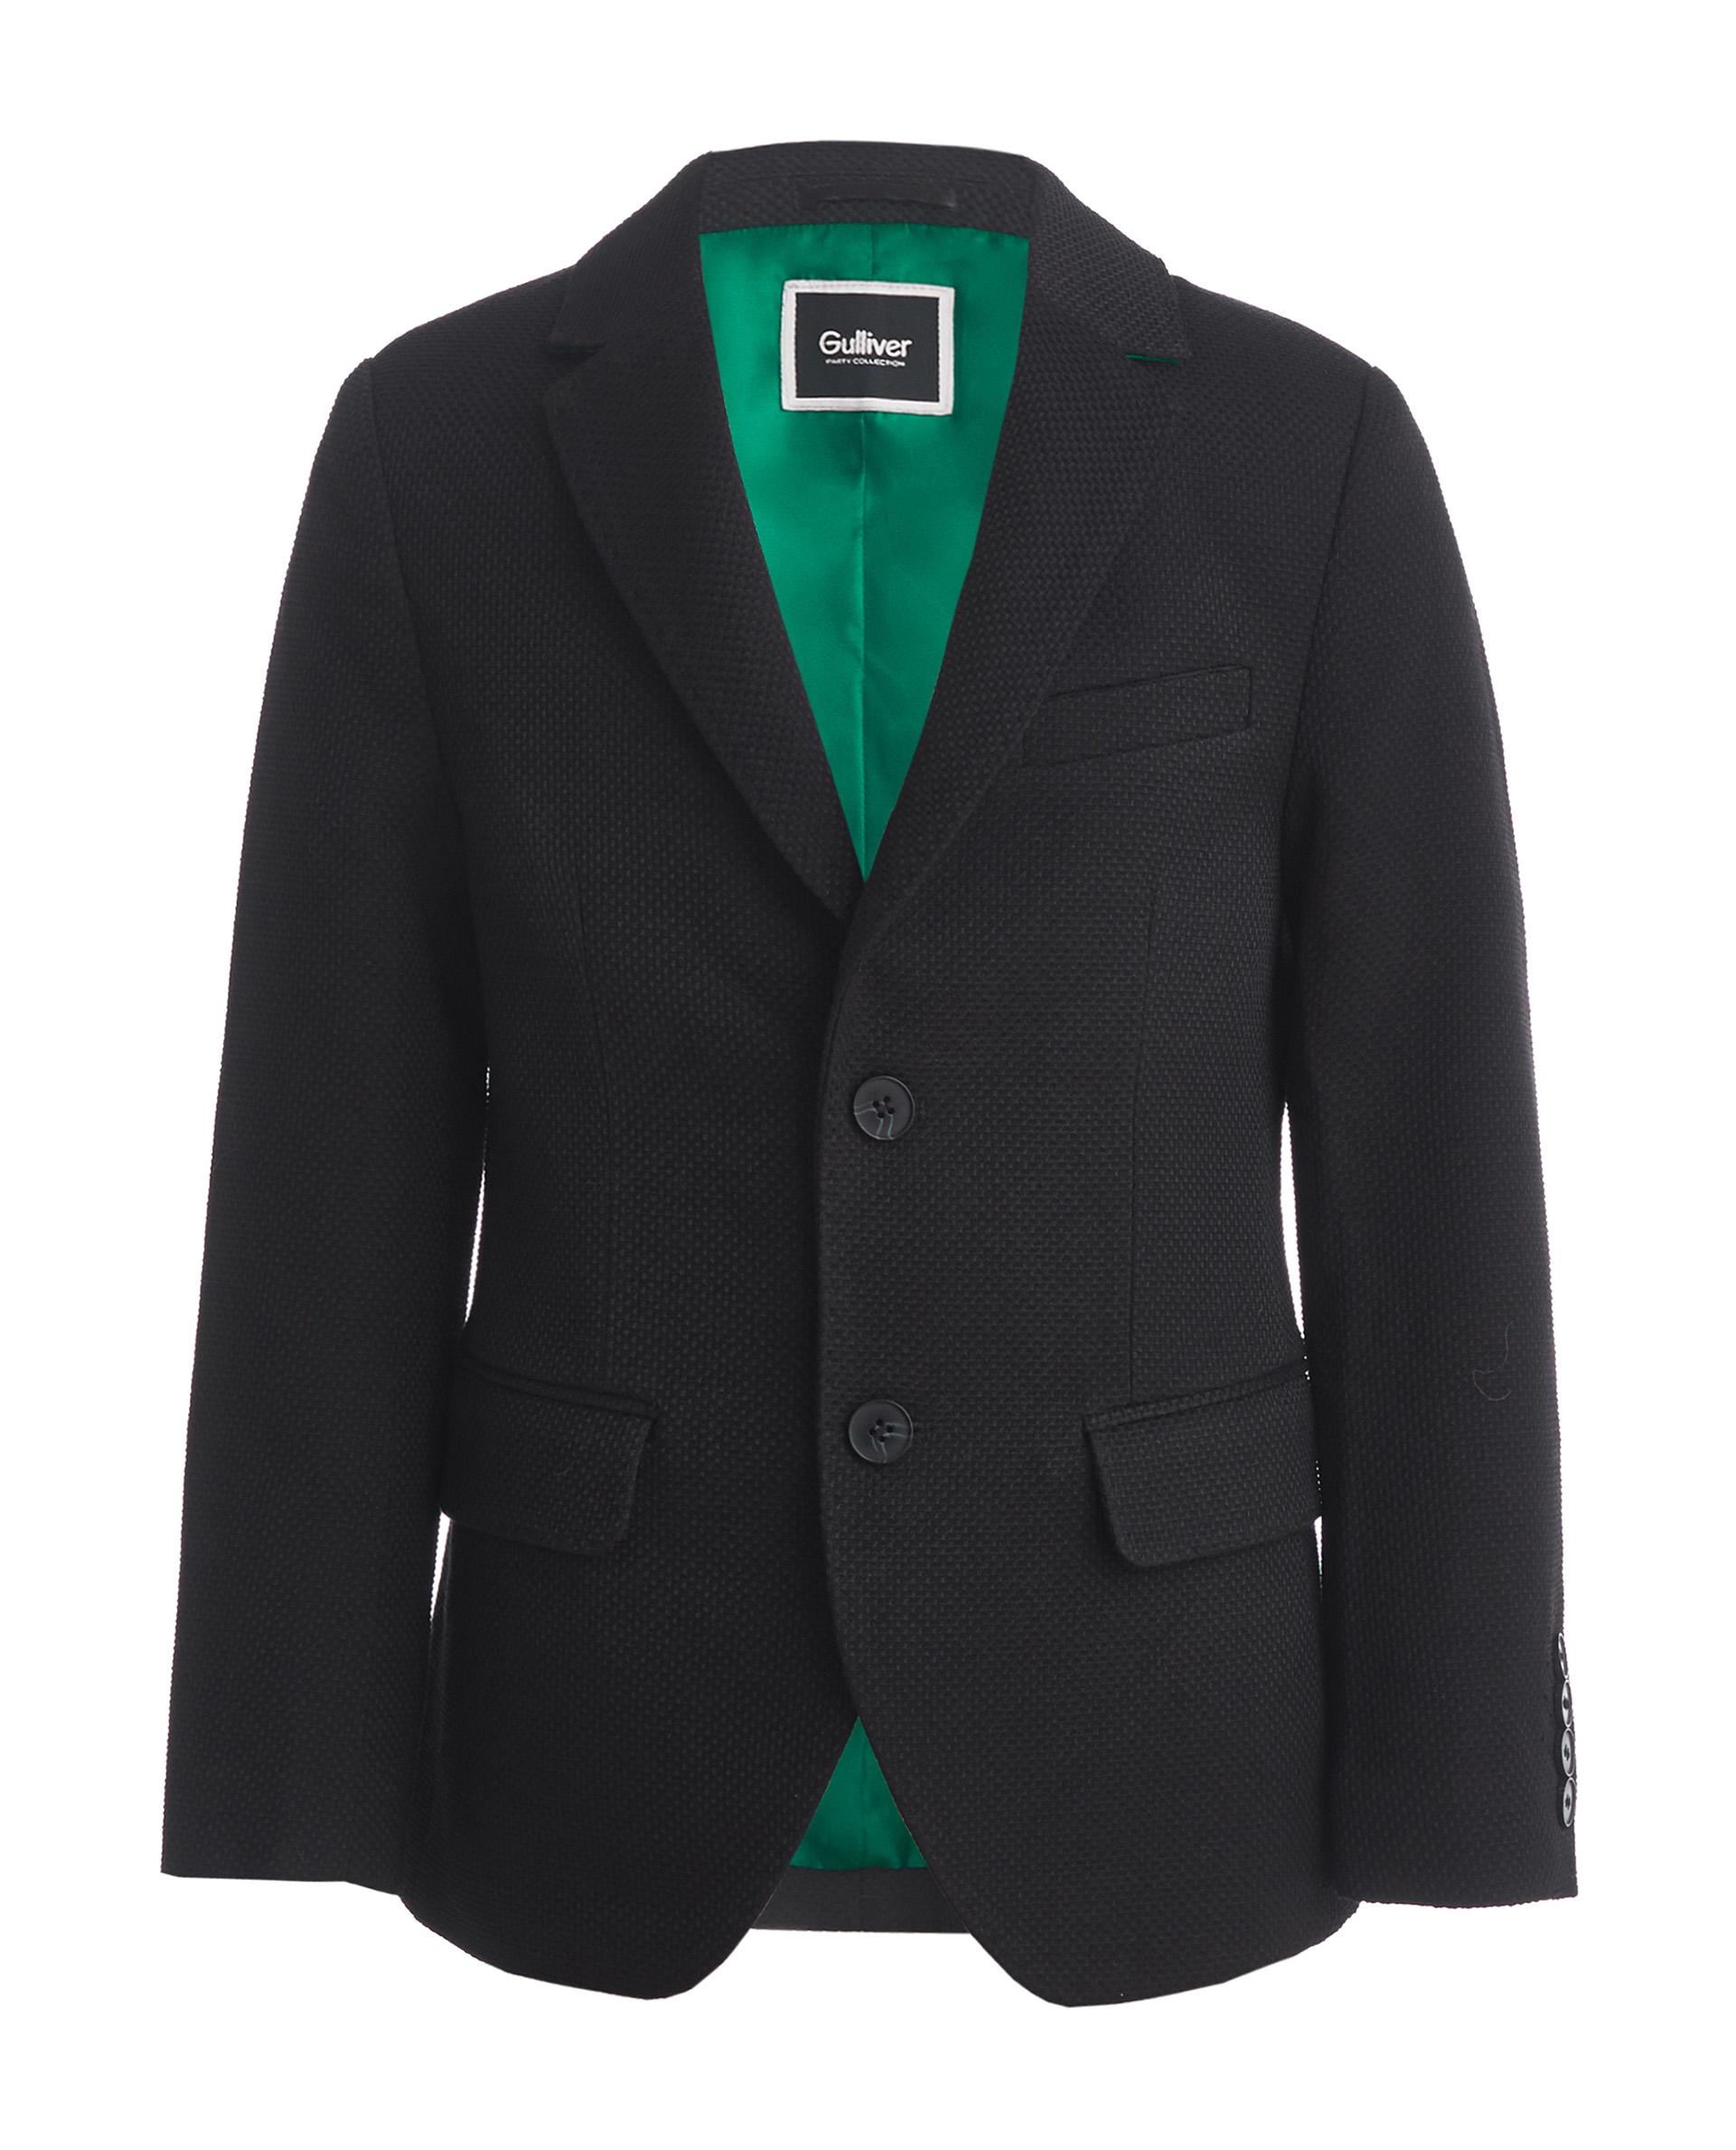 Купить 219GPBJC4801, Черный пиджак Gulliver, черный, 140, Мужской, ОСЕНЬ/ЗИМА 2020-2021 (shop: GulliverMarket Gulliver Market)